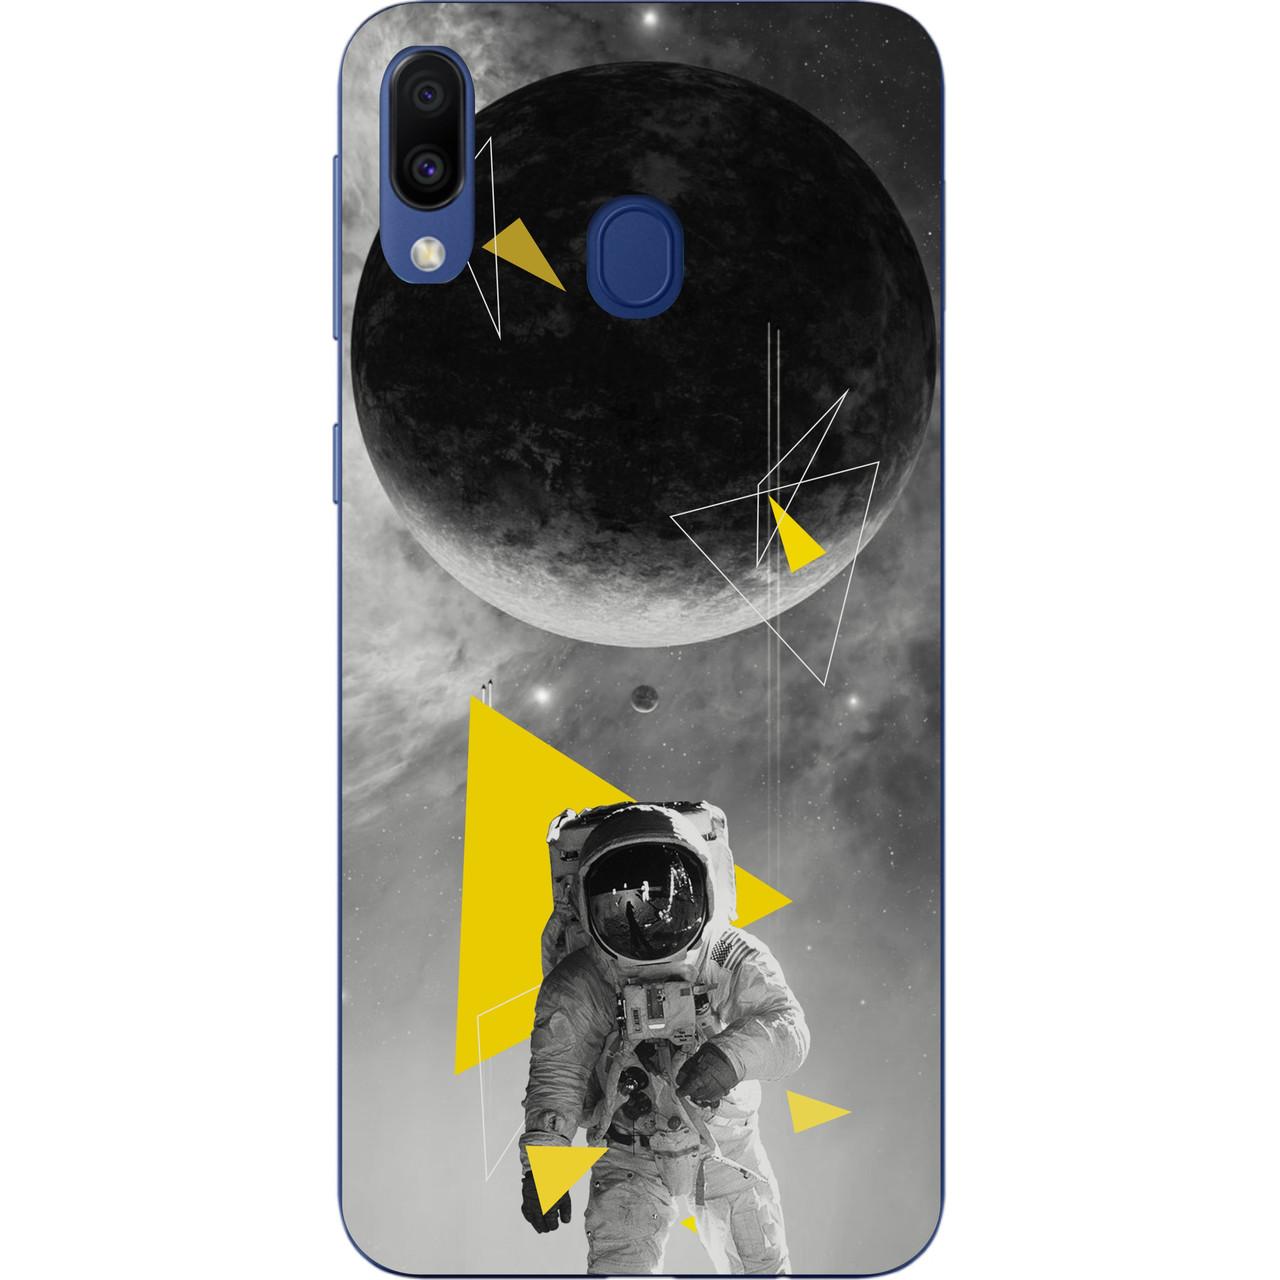 Силиконовый чехол для Samsung Galaxy A20 2019 A205F с картинкой Астронавт